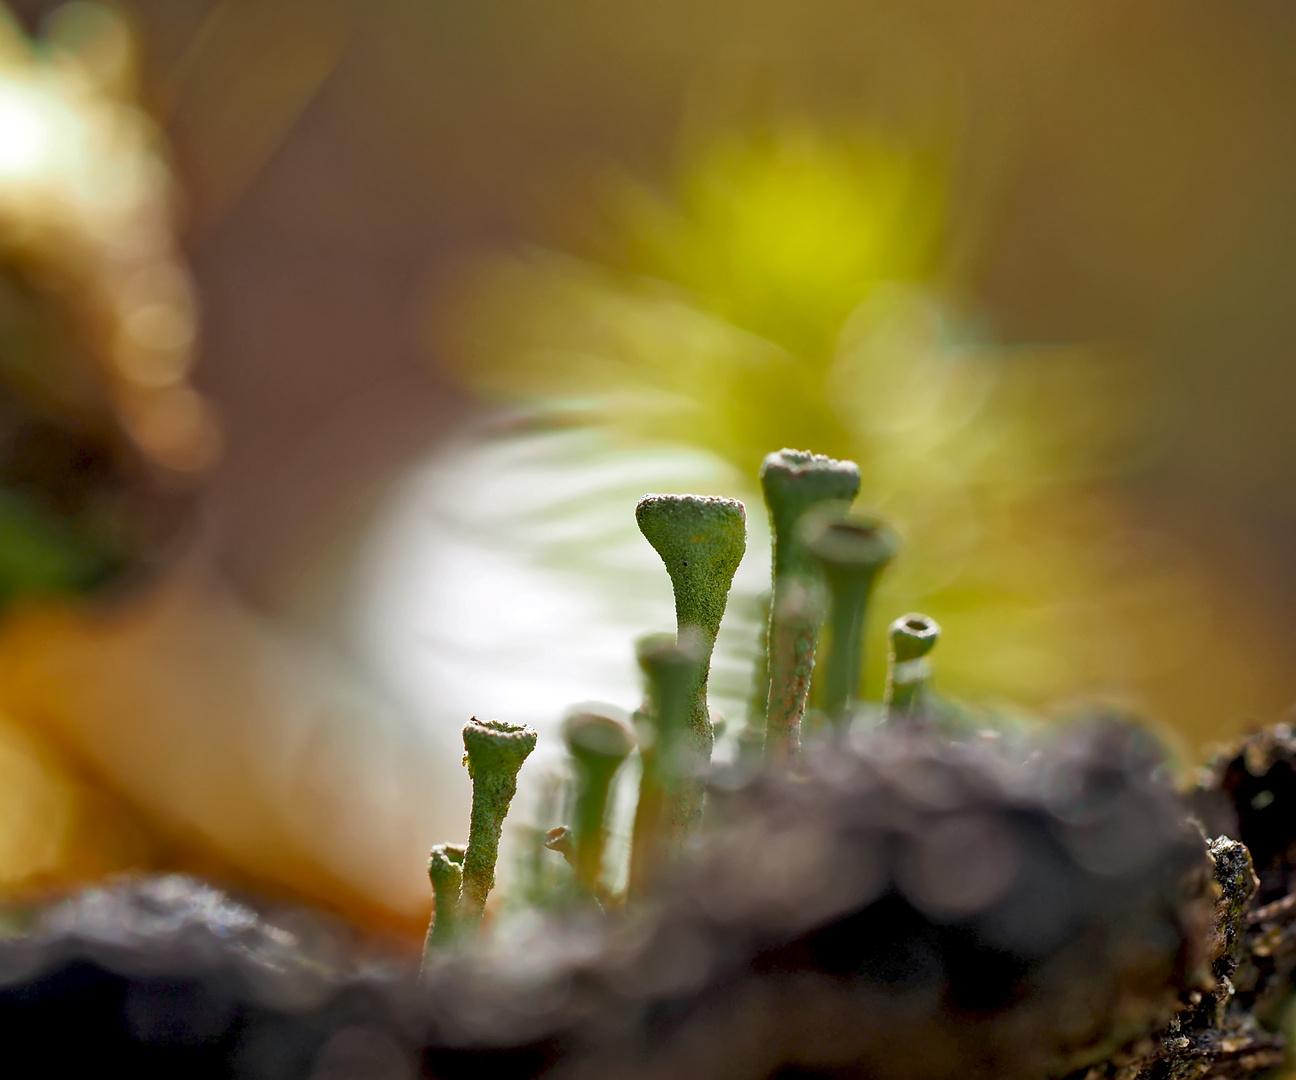 Der bezaubernde Mini-Wald! - La mystique de la forêt invisible à l'oeil nu!